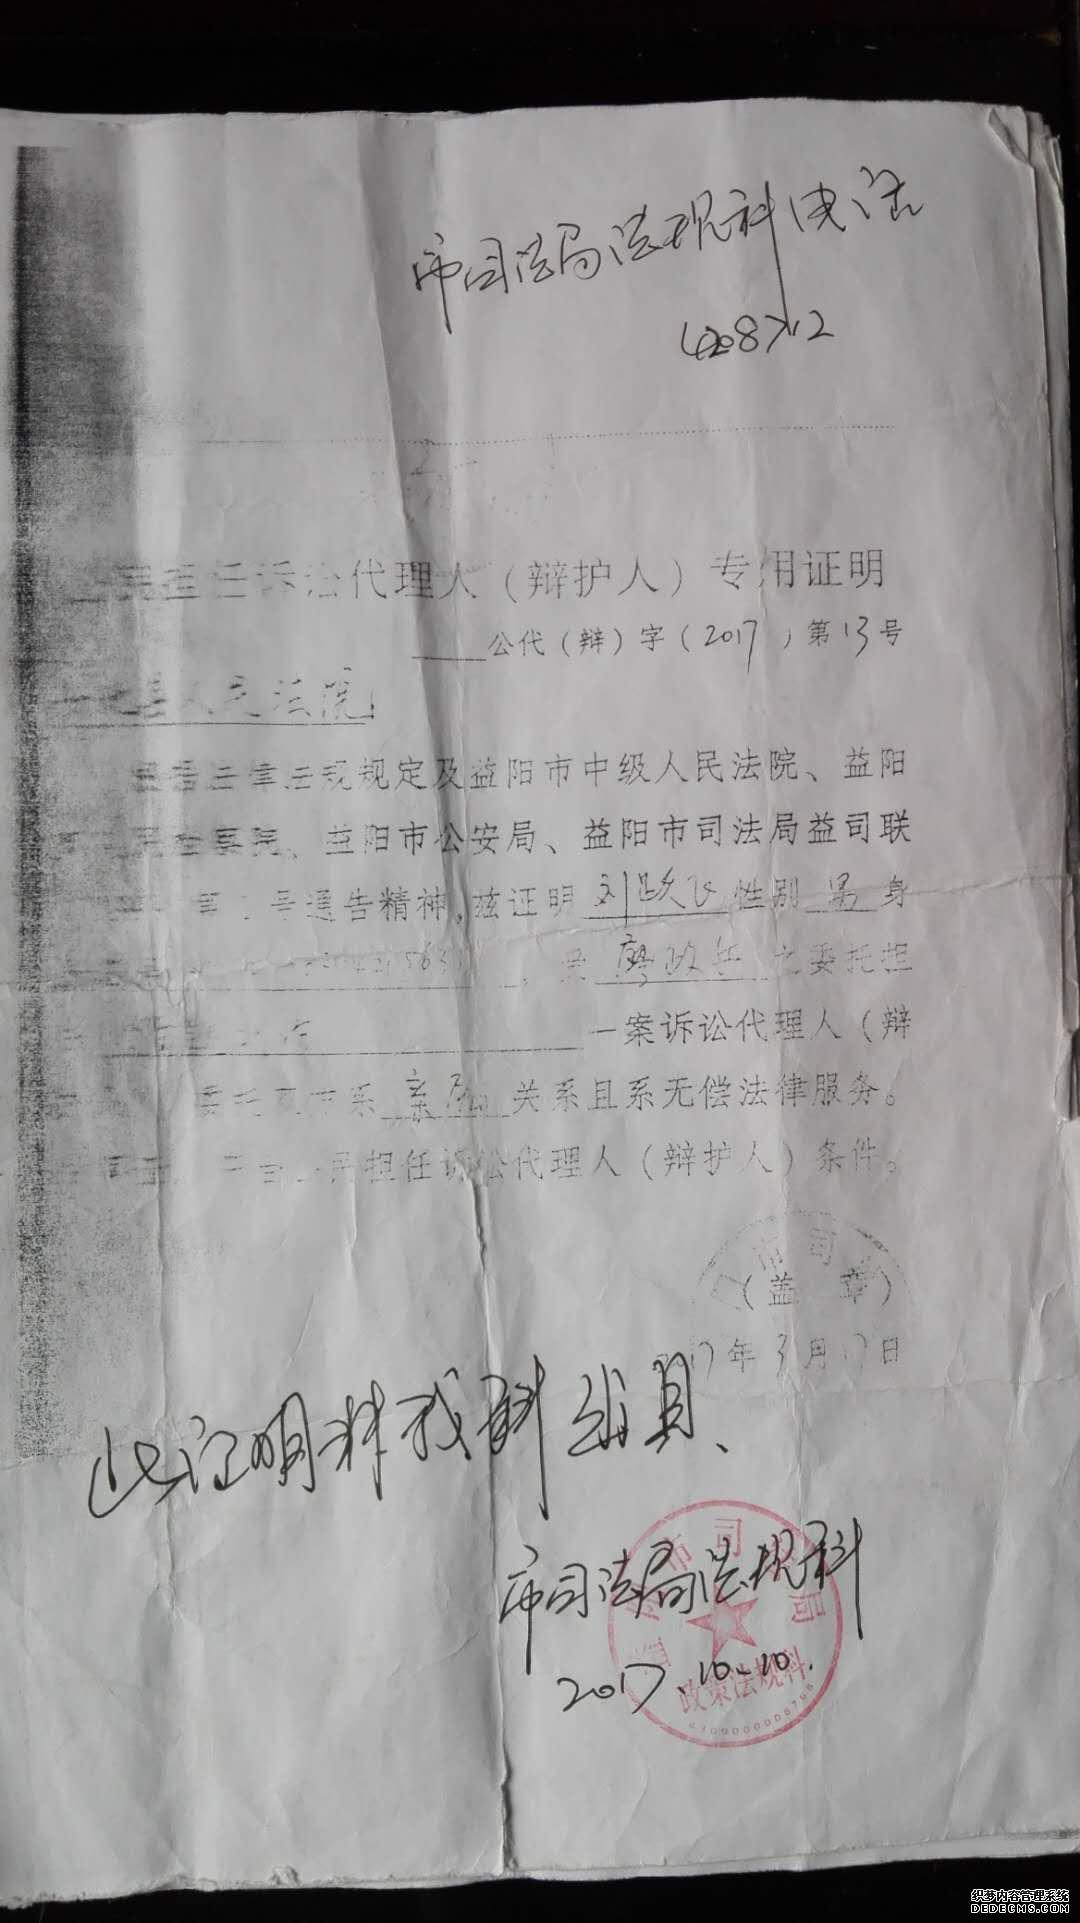 益阳中院薛谷雨曾艳红滥用职权判黑案